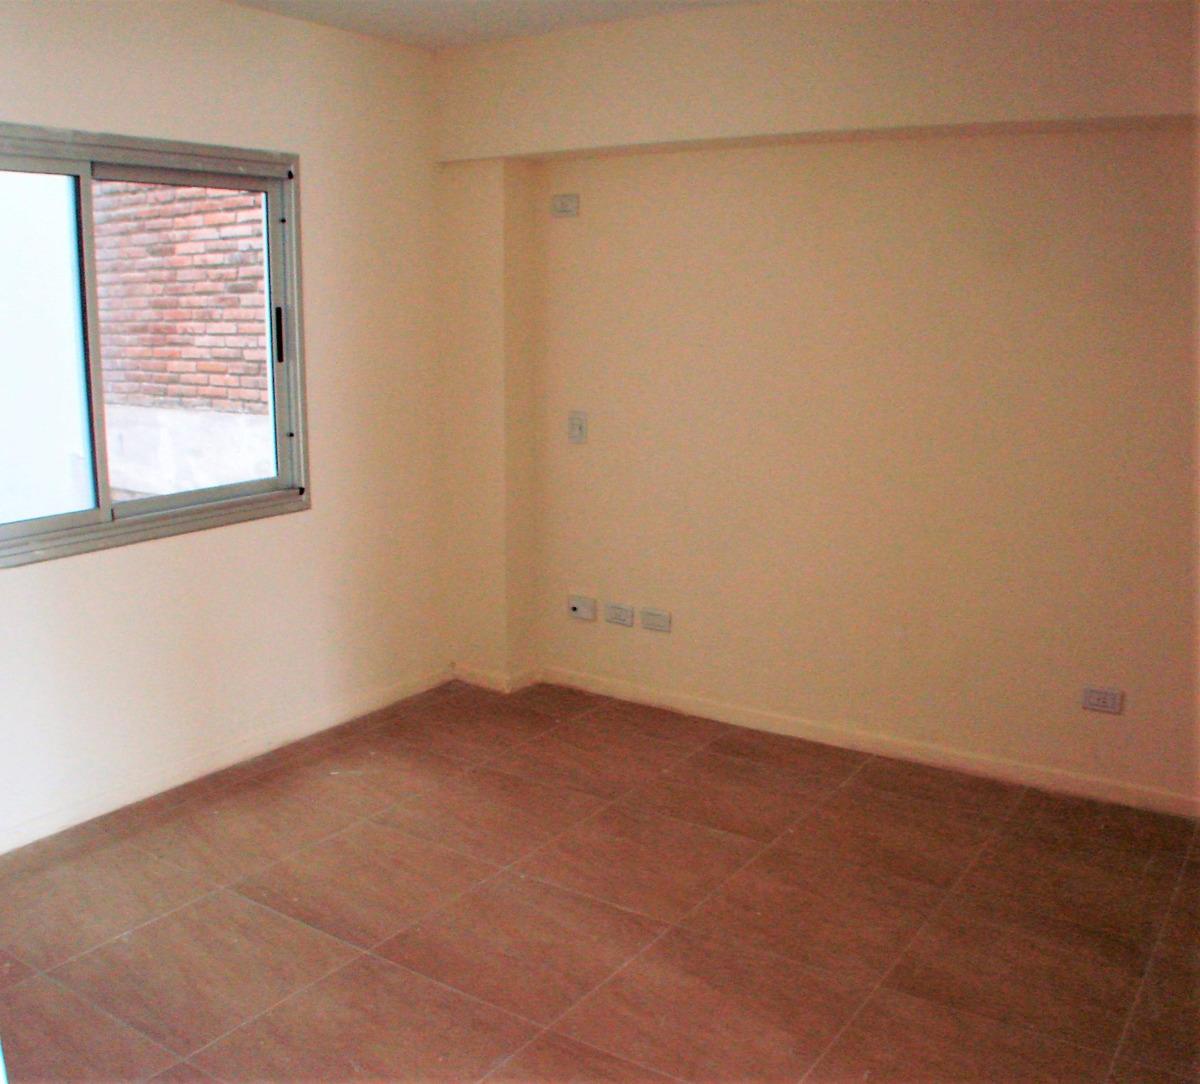 (4° contrafrente) departamento 3 ambientes con balcón